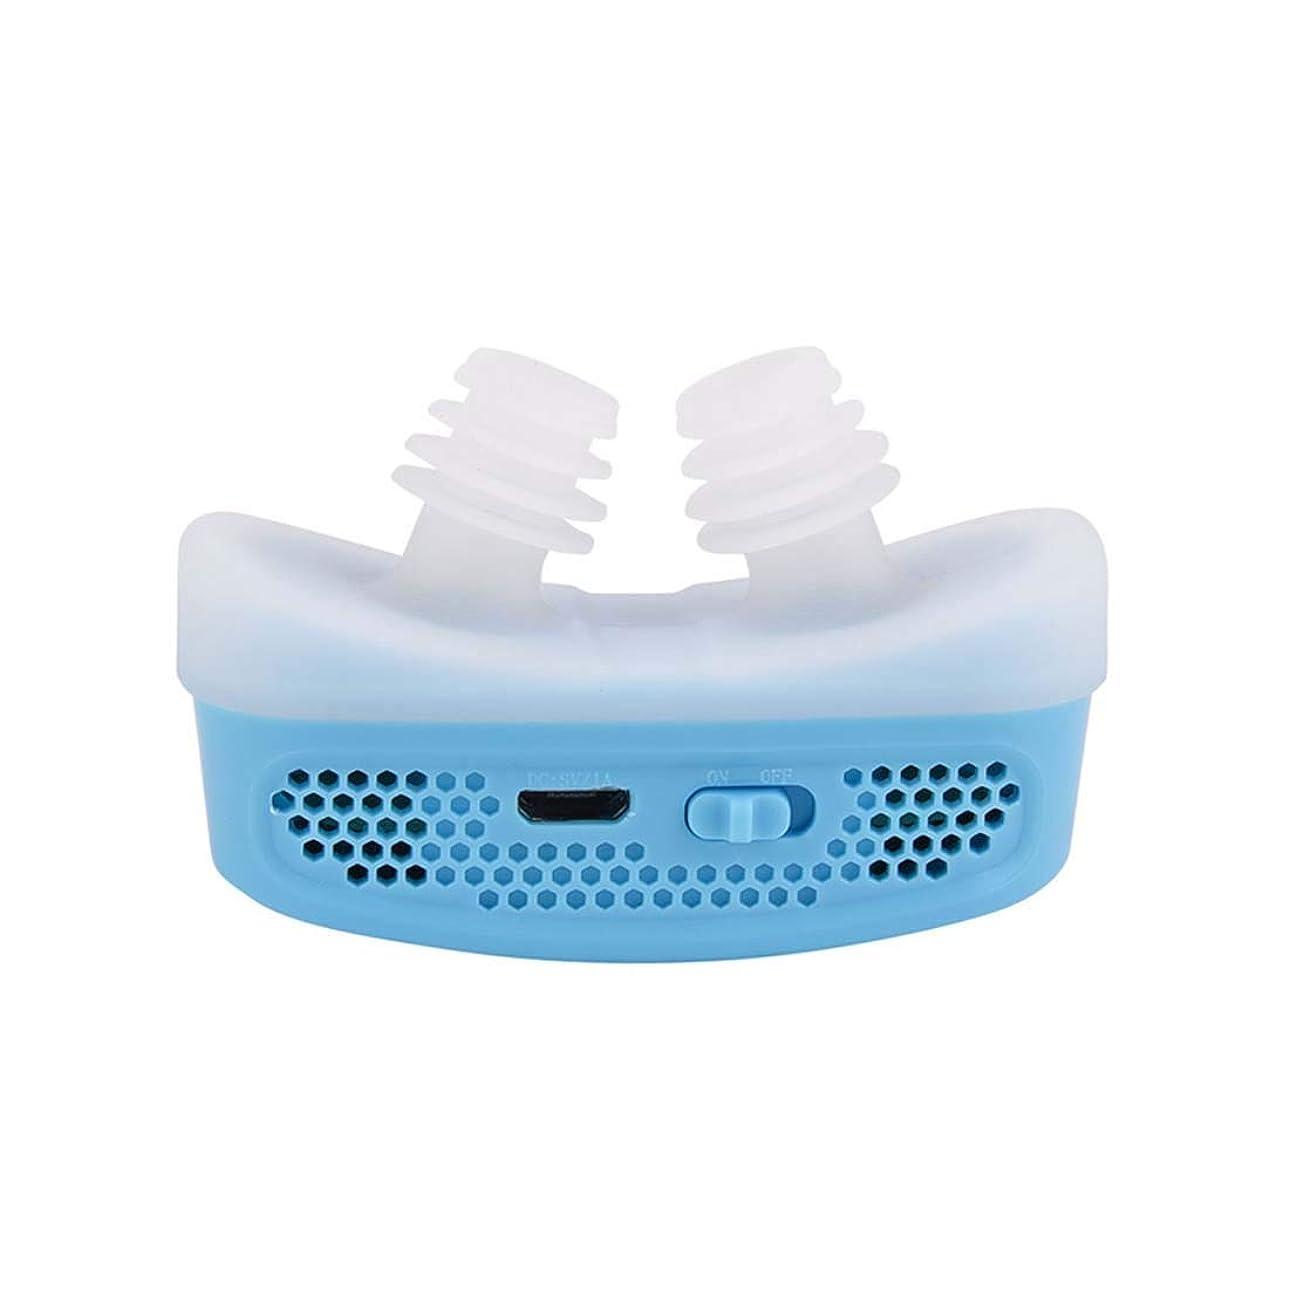 チロ整然とした毒いびき装置 電気ハム、いびき防止、いびき防止鼻、いびきを抑える呼吸補助器具の小型いびき用具